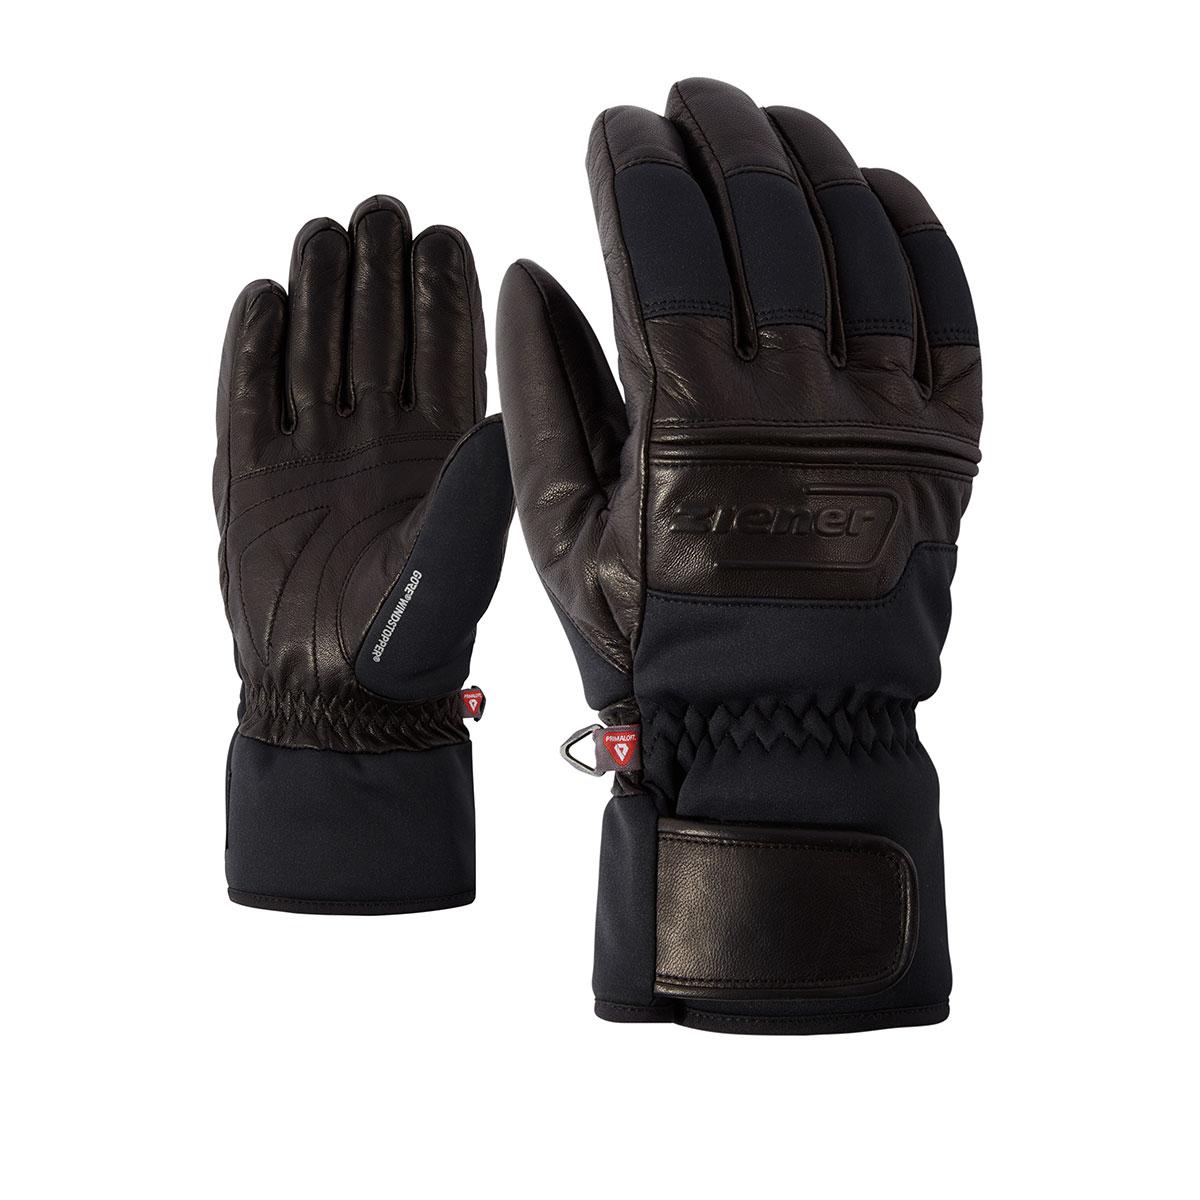 61a9269c38ada GIP GWS® PR glove ski alpine - ZIENER - Gloves | Skiwear | Bikewear